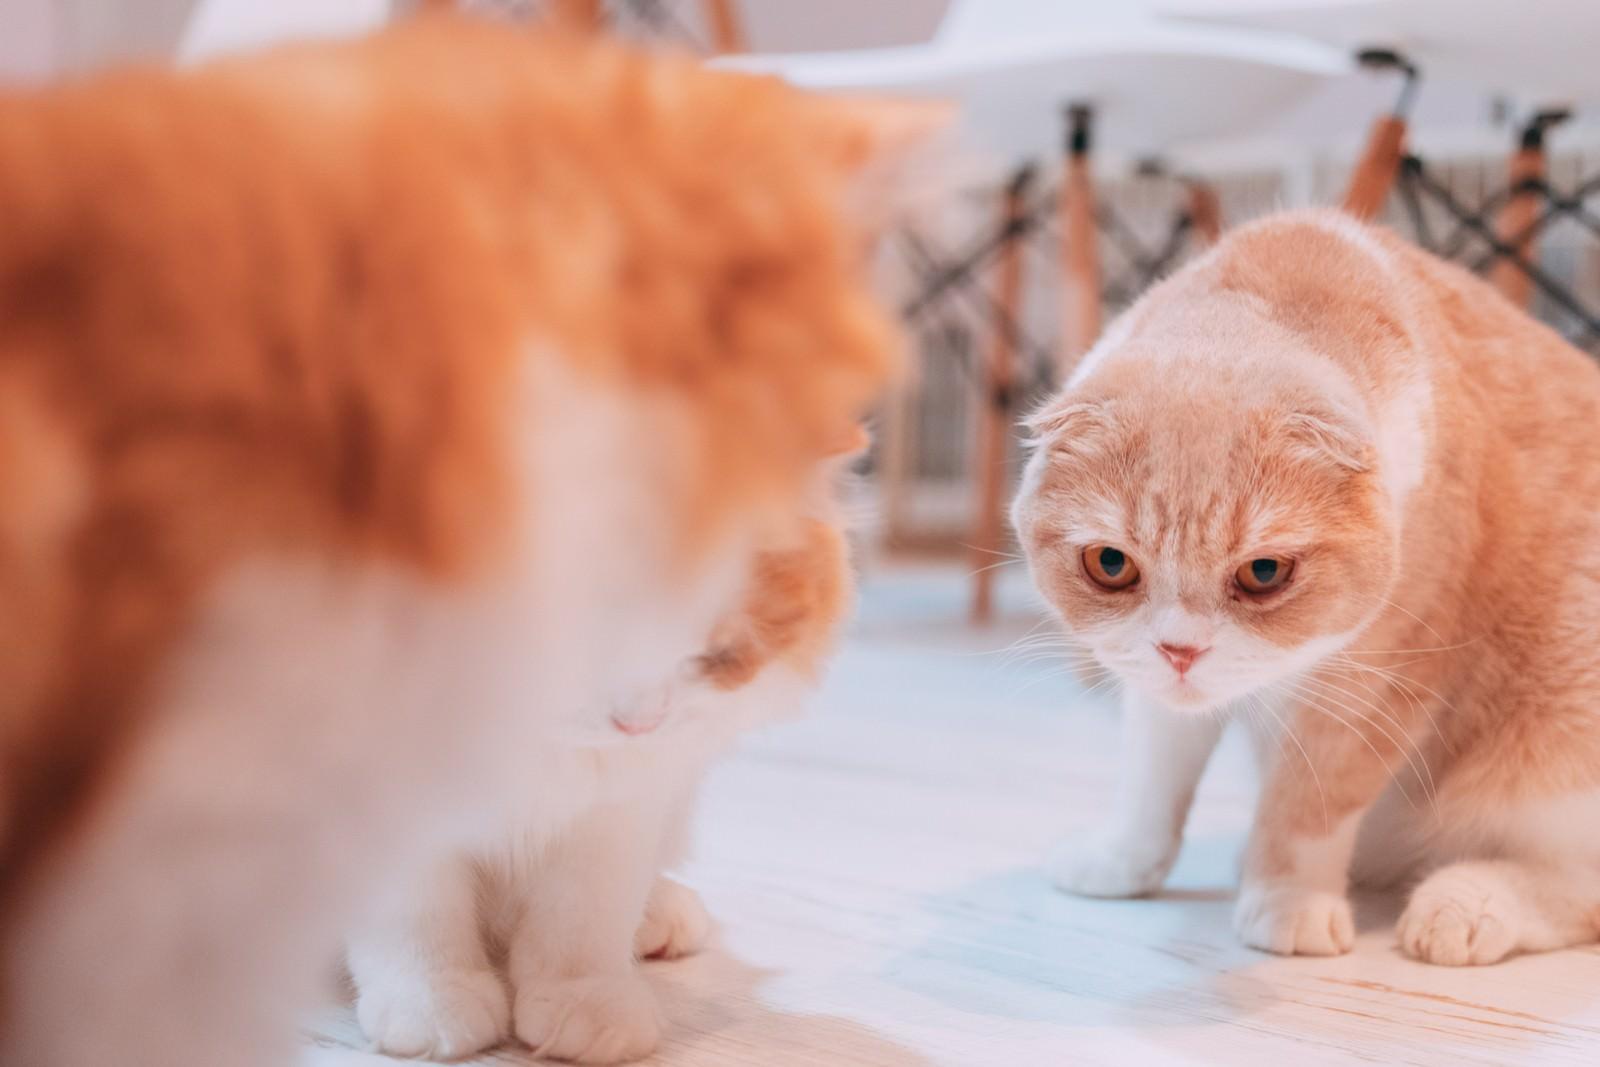 「睨みを利かせる猫(スコティッシュフォールド)」の写真